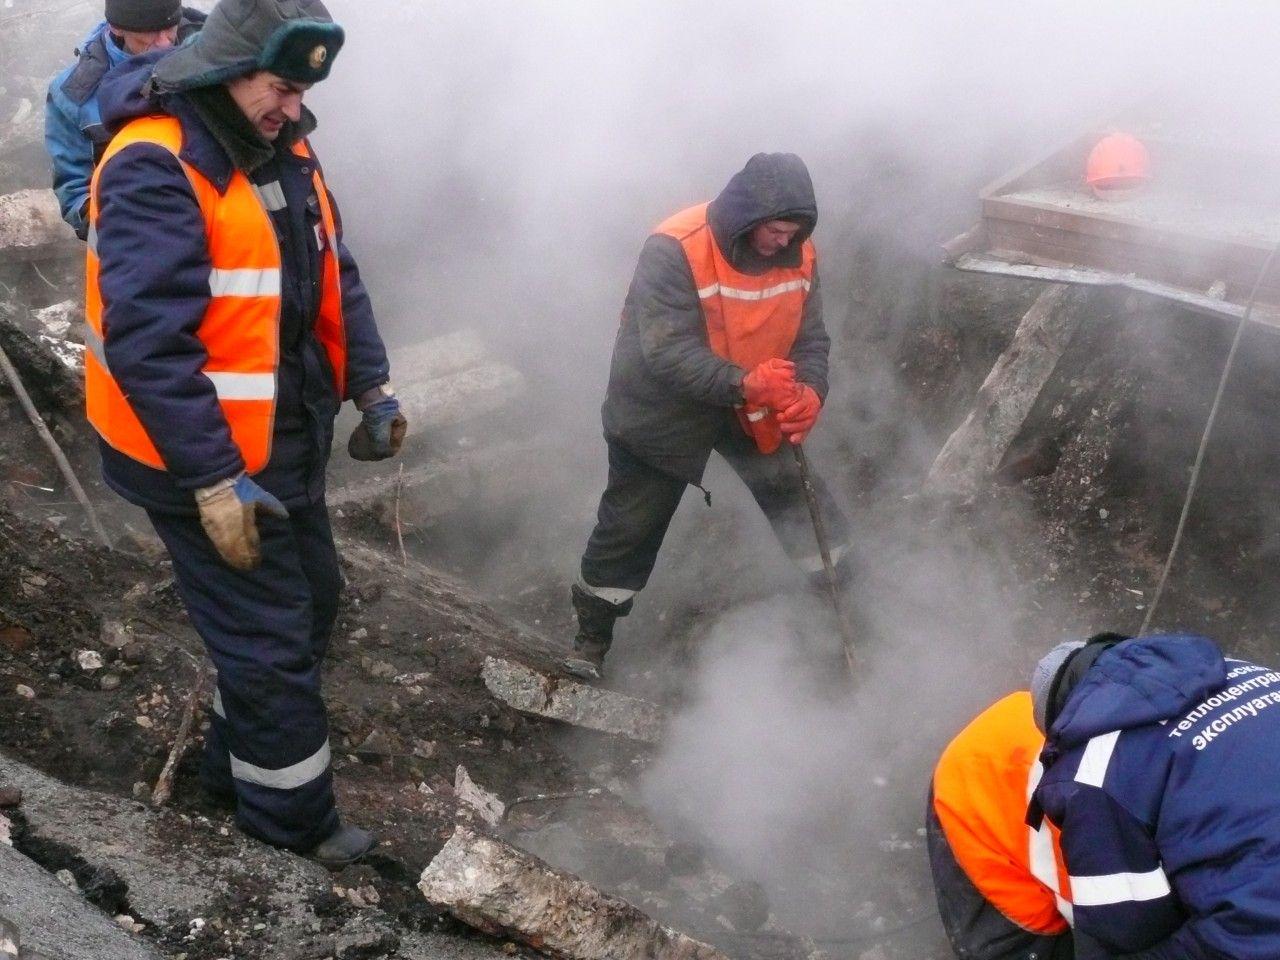 Неменее 350 абонентов вСтаврополе остались без теплоснабжения из-за порыва натеплотрассе